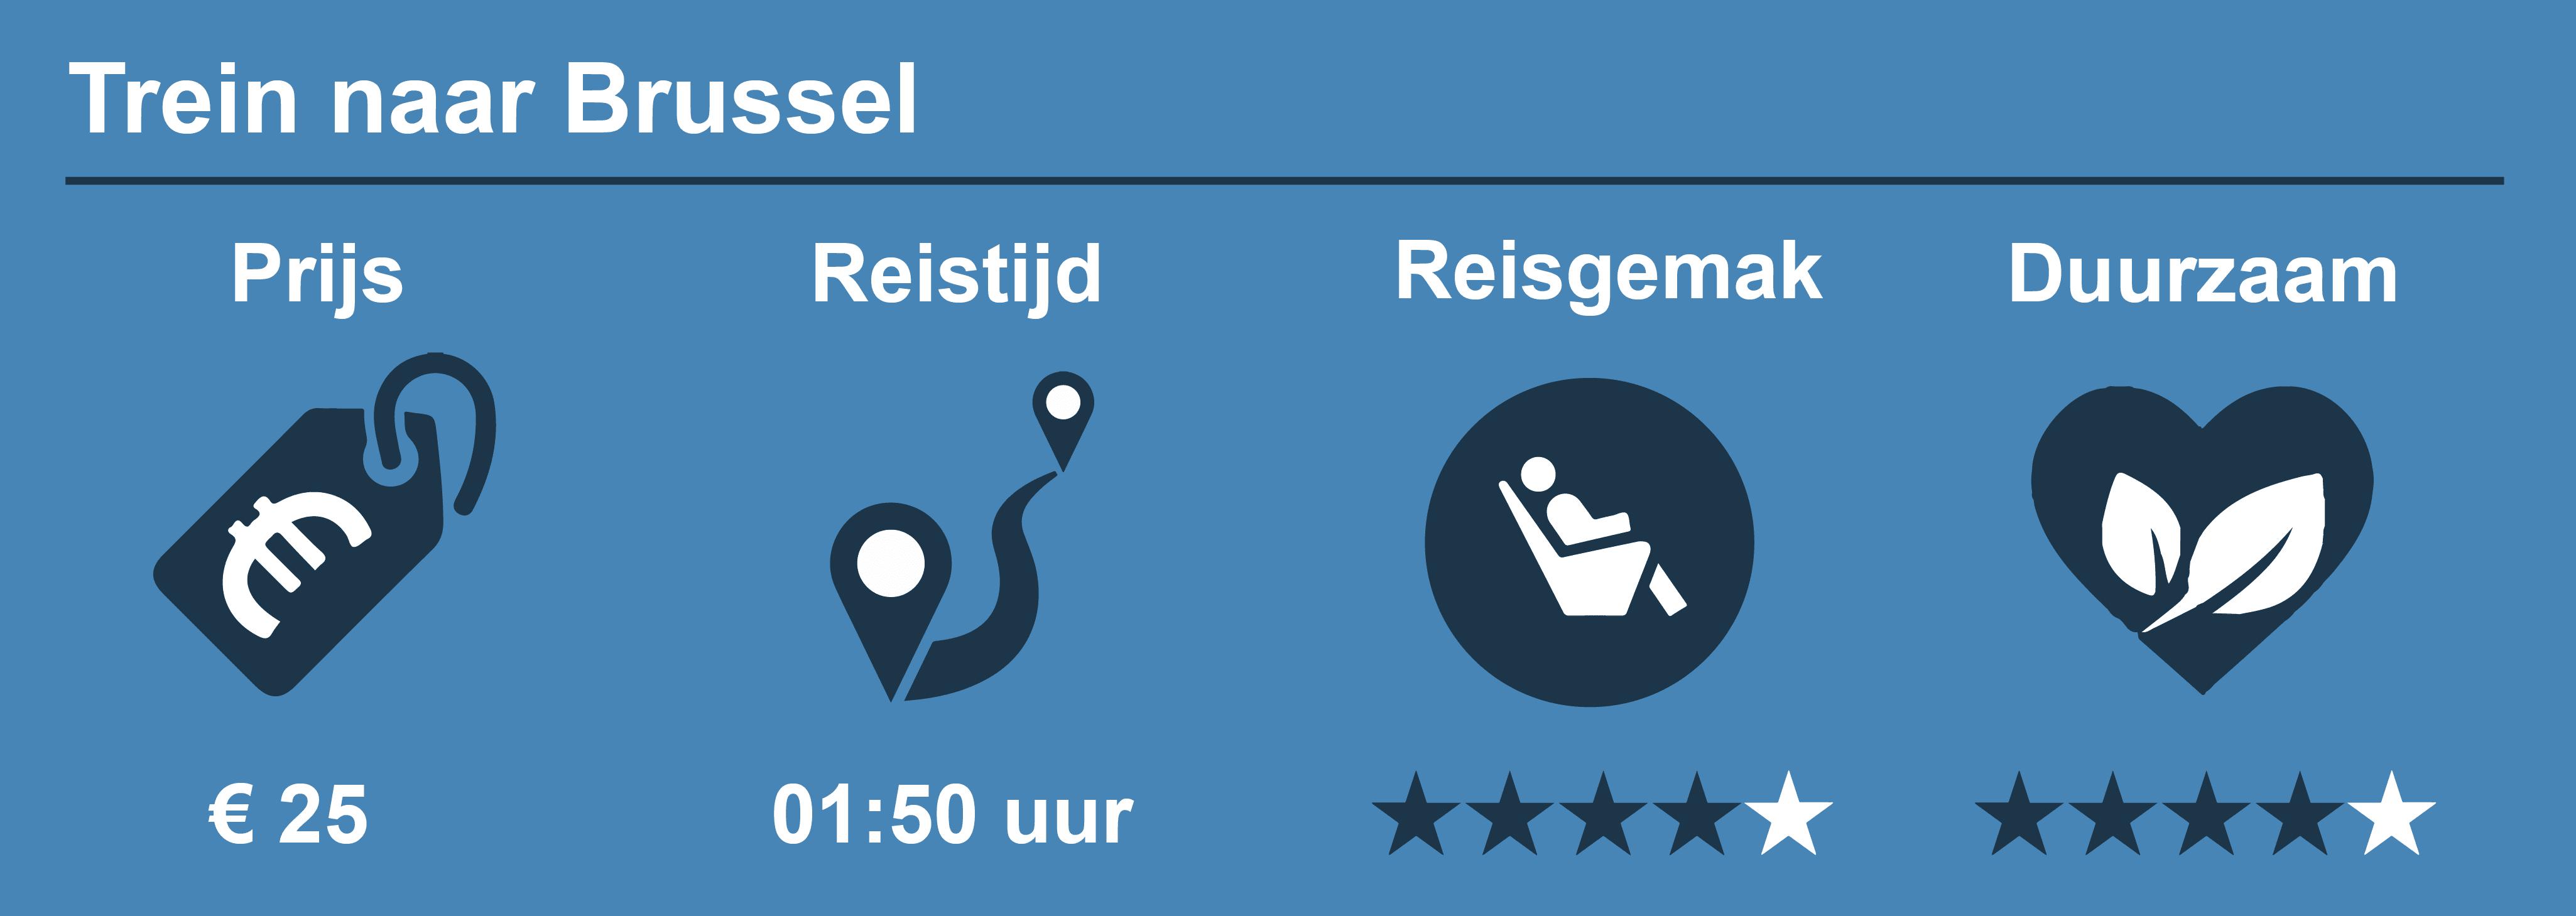 Reisinformatie trein Brussel